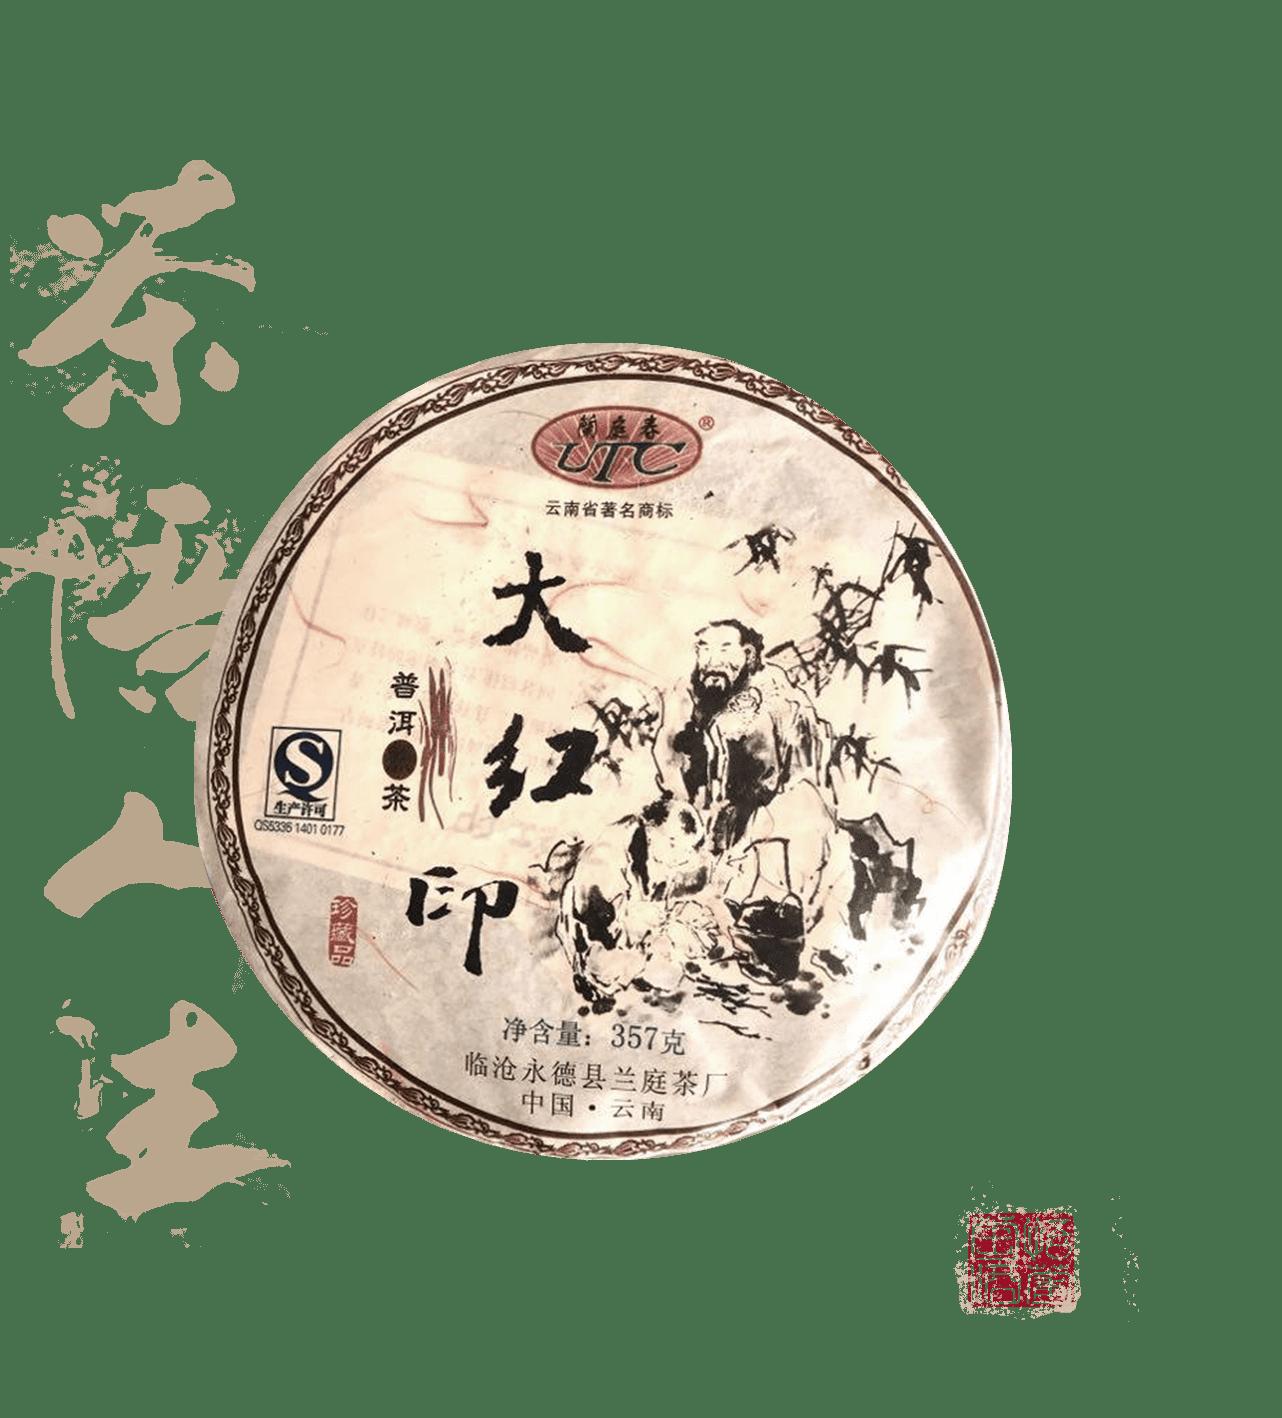 ltc da hong yin est une galette de thé puerh shou fermenté